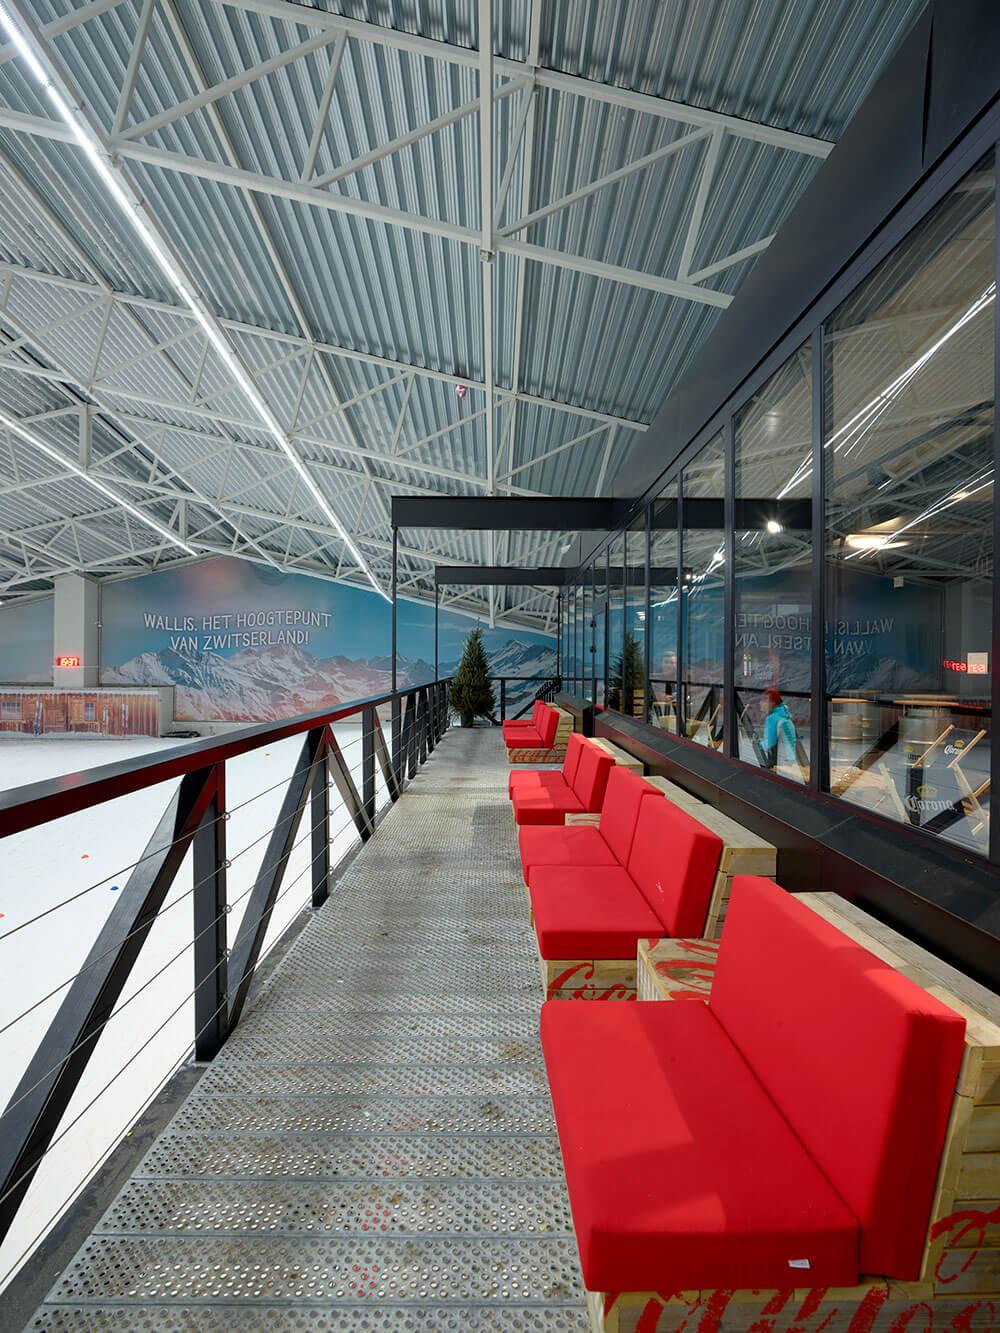 Aan de bar is een terras gekoppeld die een uitzicht op de sneeuwpiste verleent.